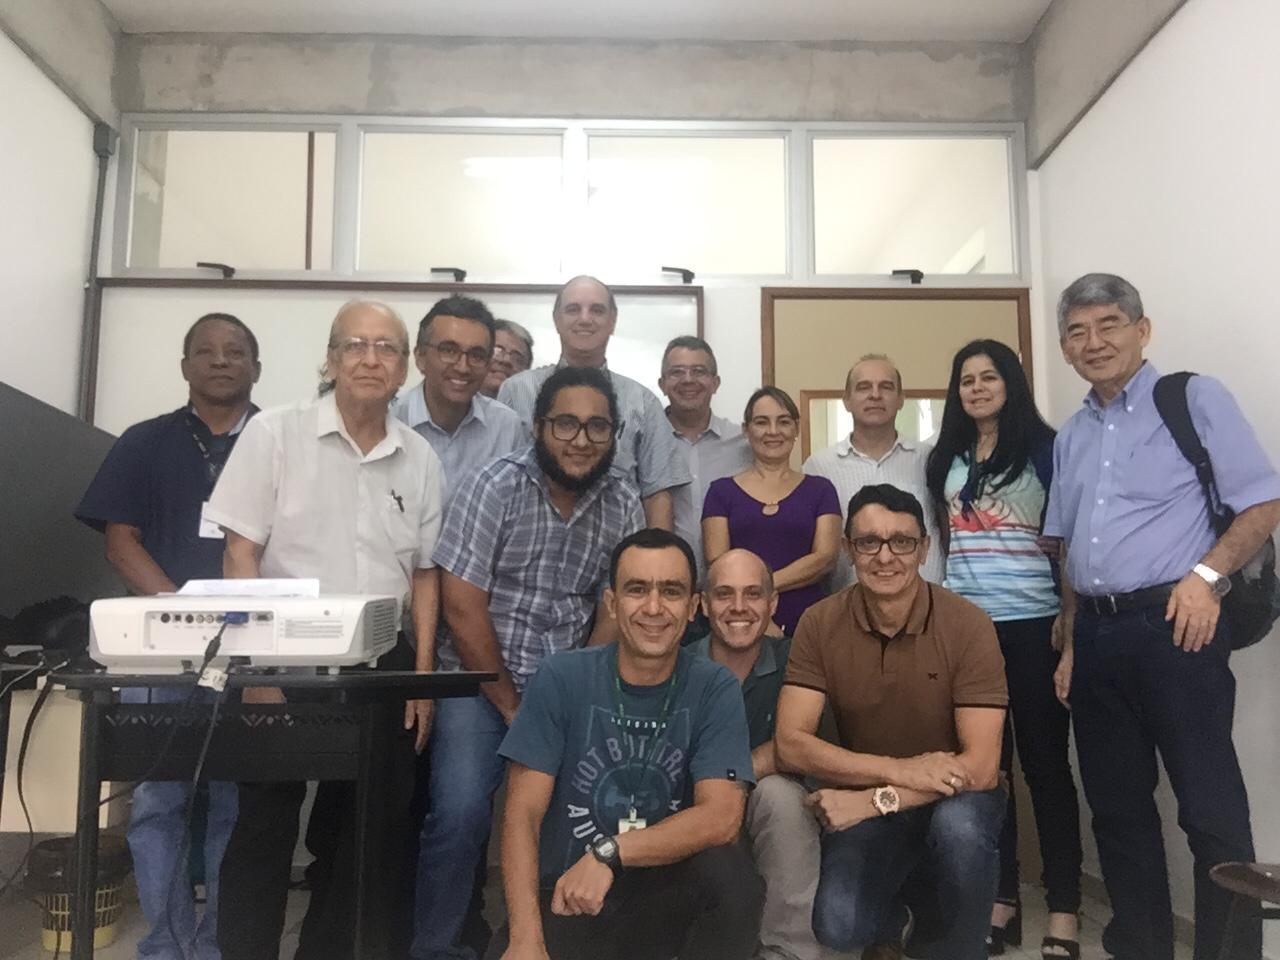 Visita do Dr. Roberto Carlos Costa Lelis